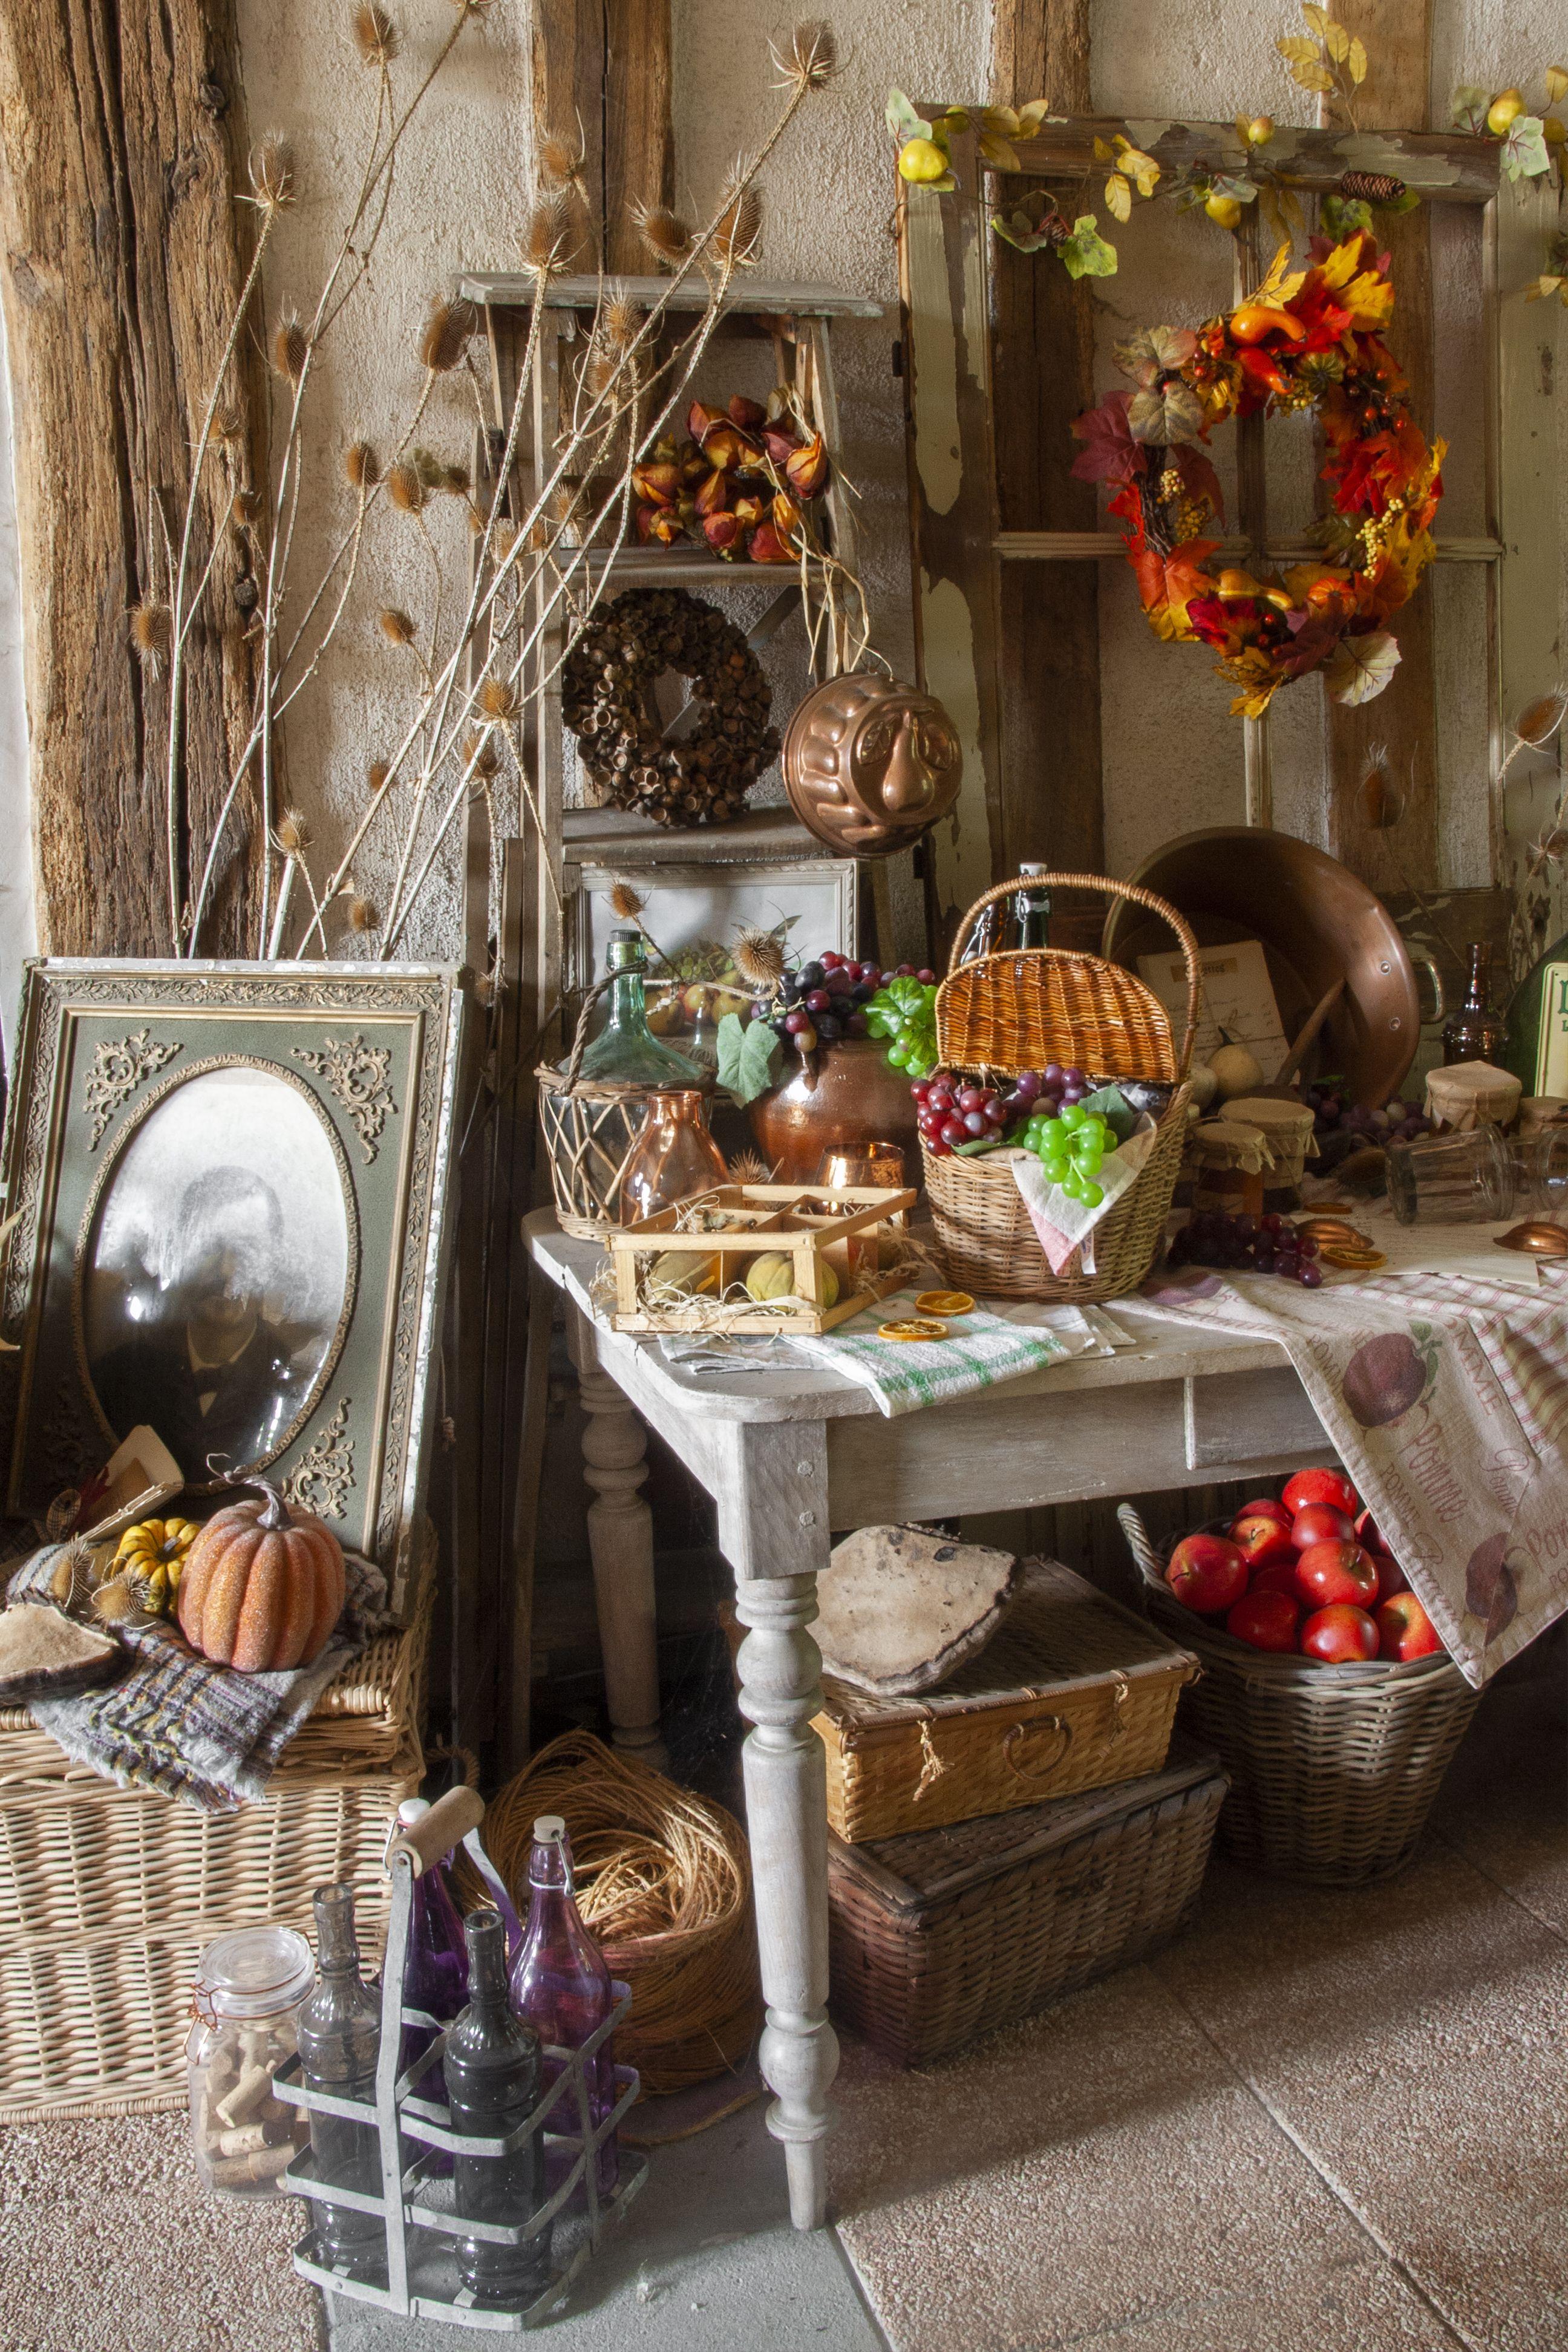 Chambres D Hotes Le Bonheur A La Campagne Decoration Deco Decor Antique